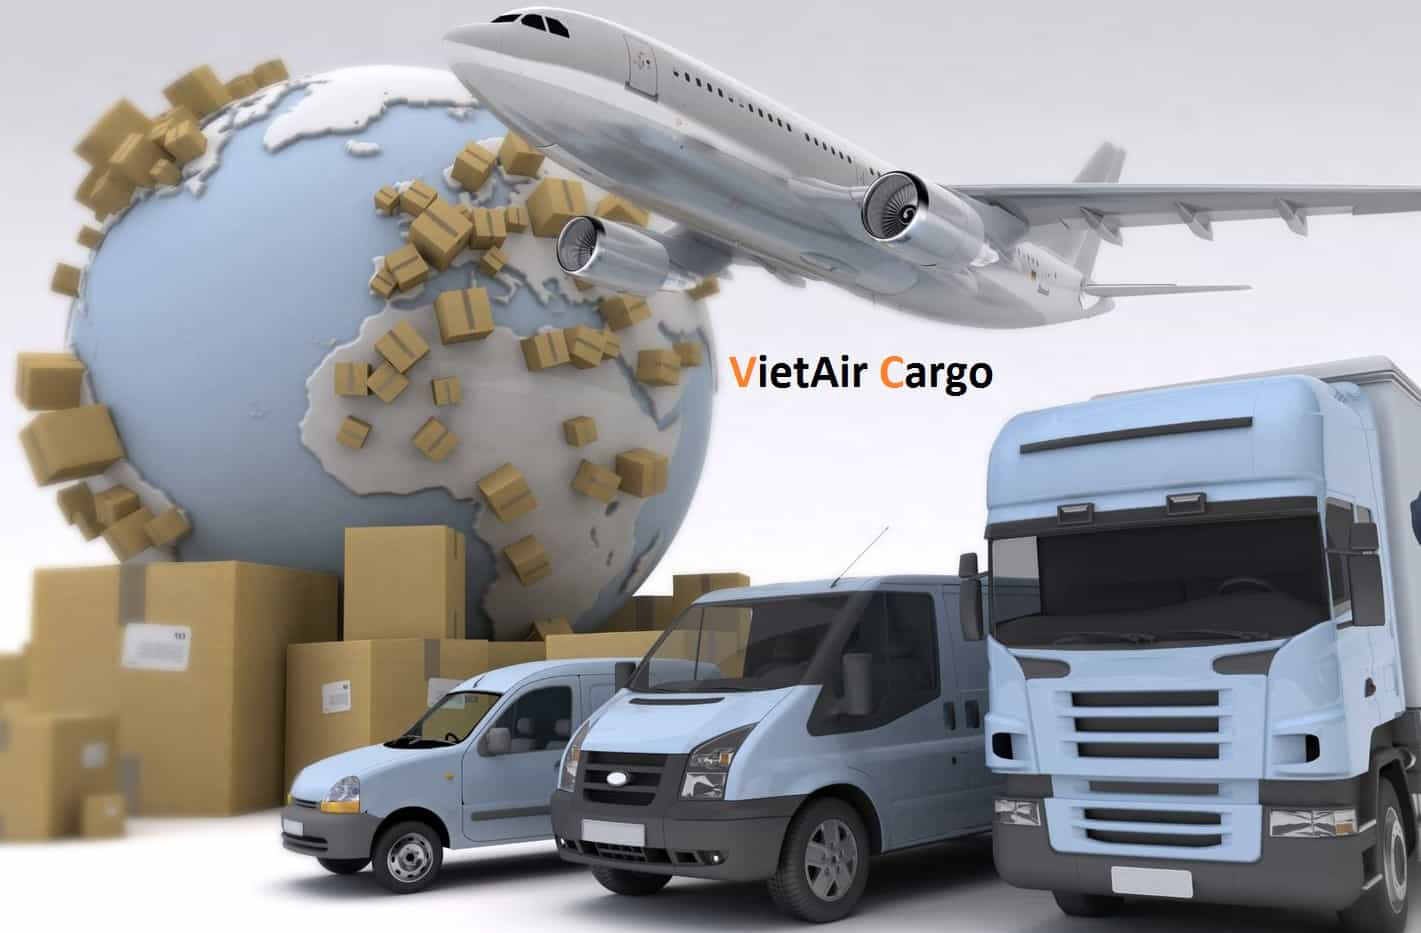 goi-hang-ve-viet-nam-nhanh-nhat-hien-nay Tại sao bạn nên chọn VietAir Caro để gởi hàng về VN?